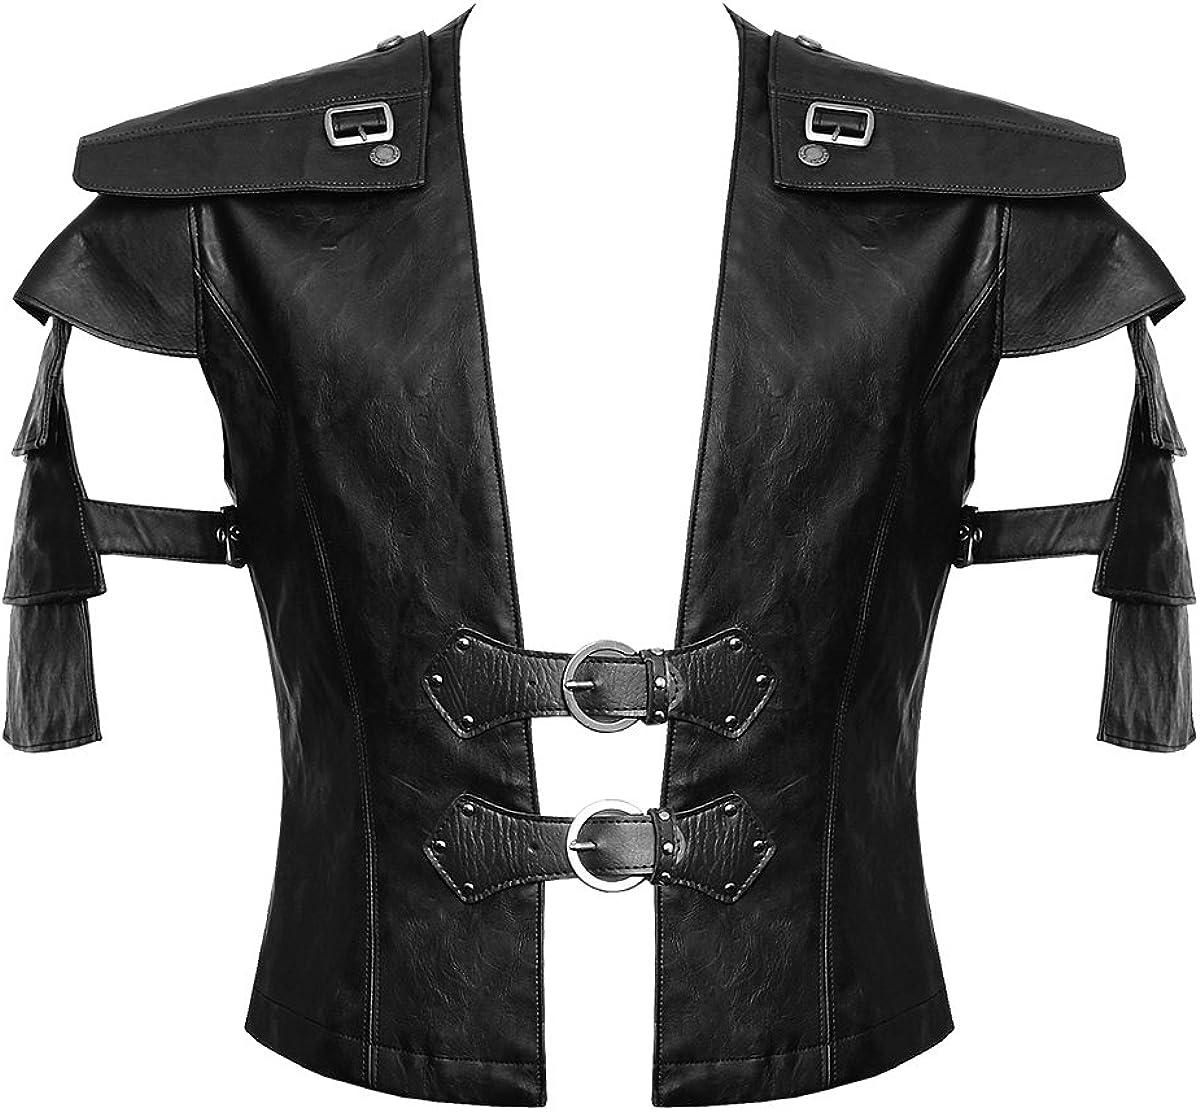 Punk Rave Mens Dieselpunk Waistcoat Vest Top Black Faux Leather Goth Punk Biker